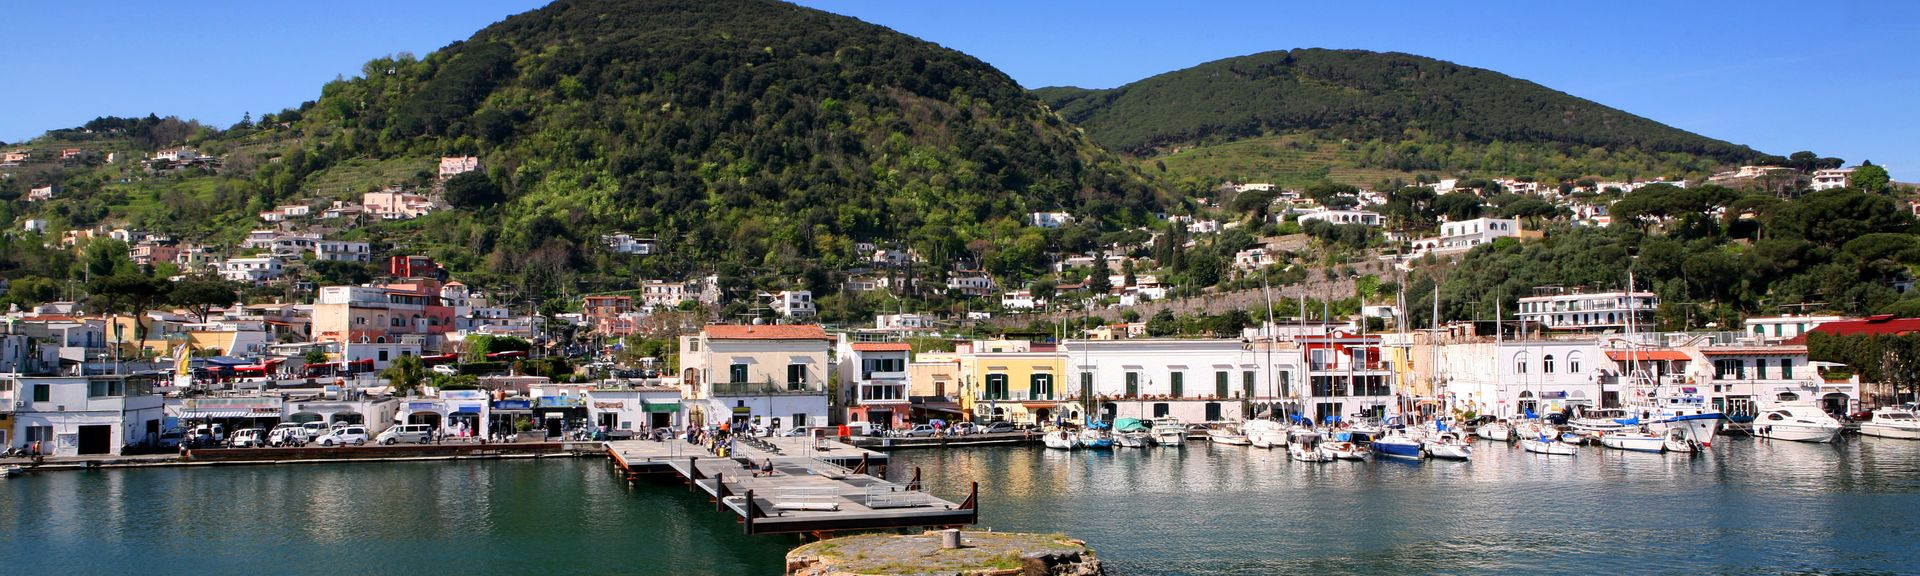 Ischia, Campania, Italia